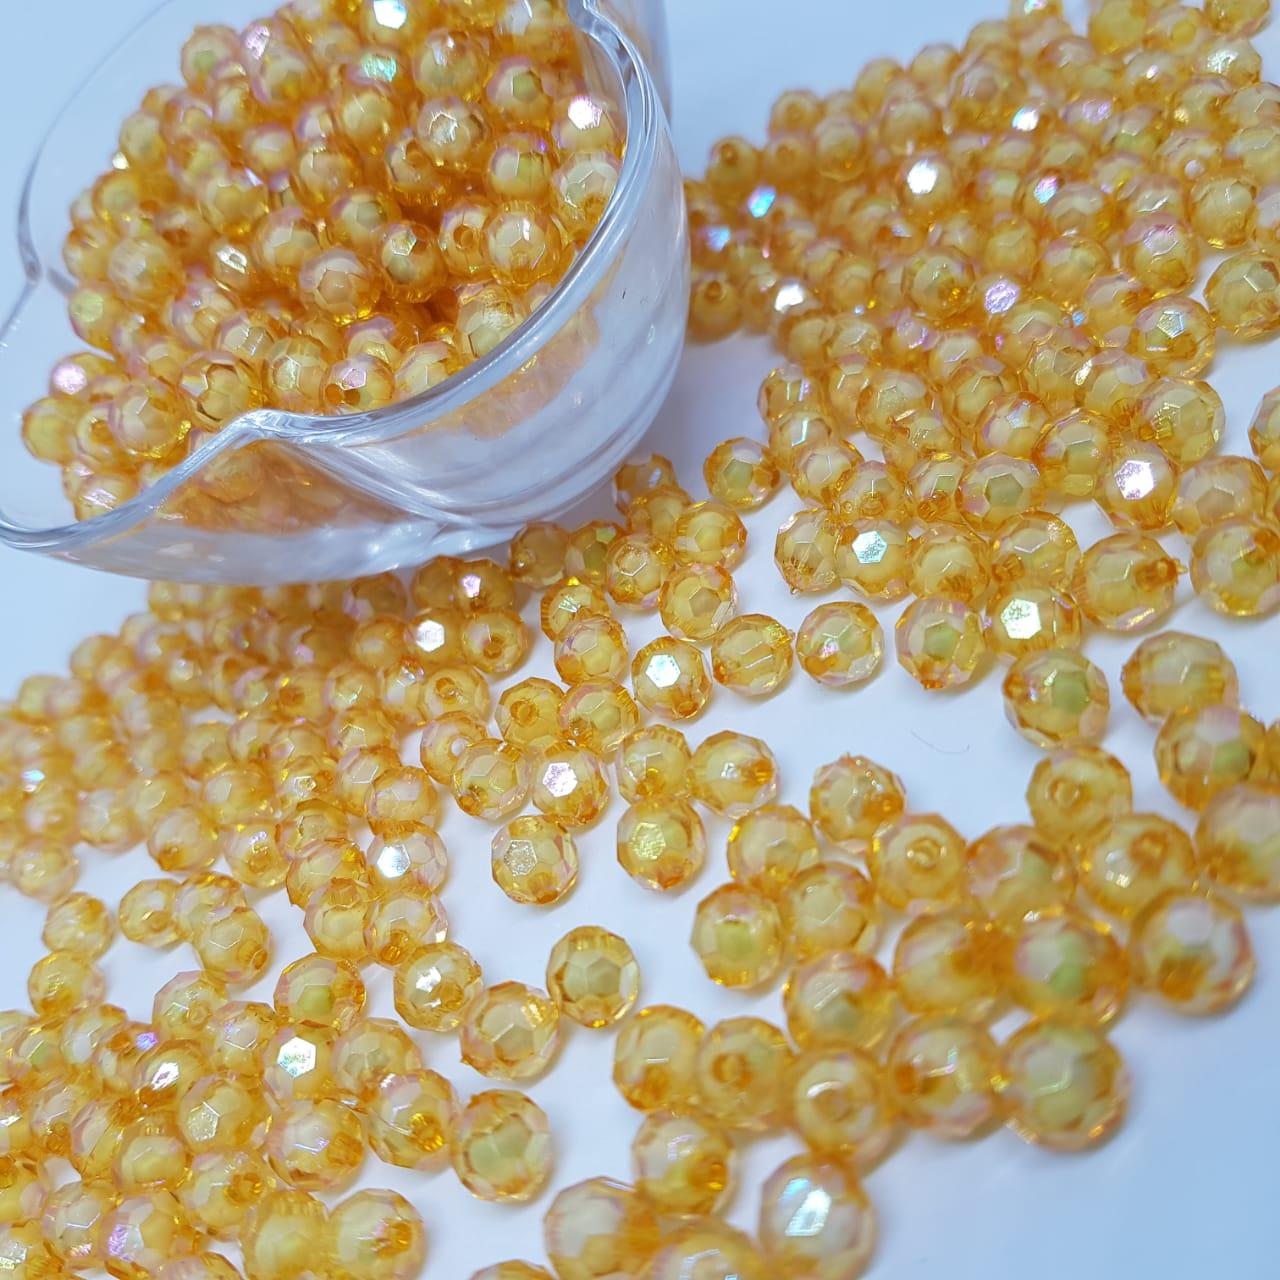 Bolinha de acrilico  laranja com miolo branco sextavado 10MM 25g